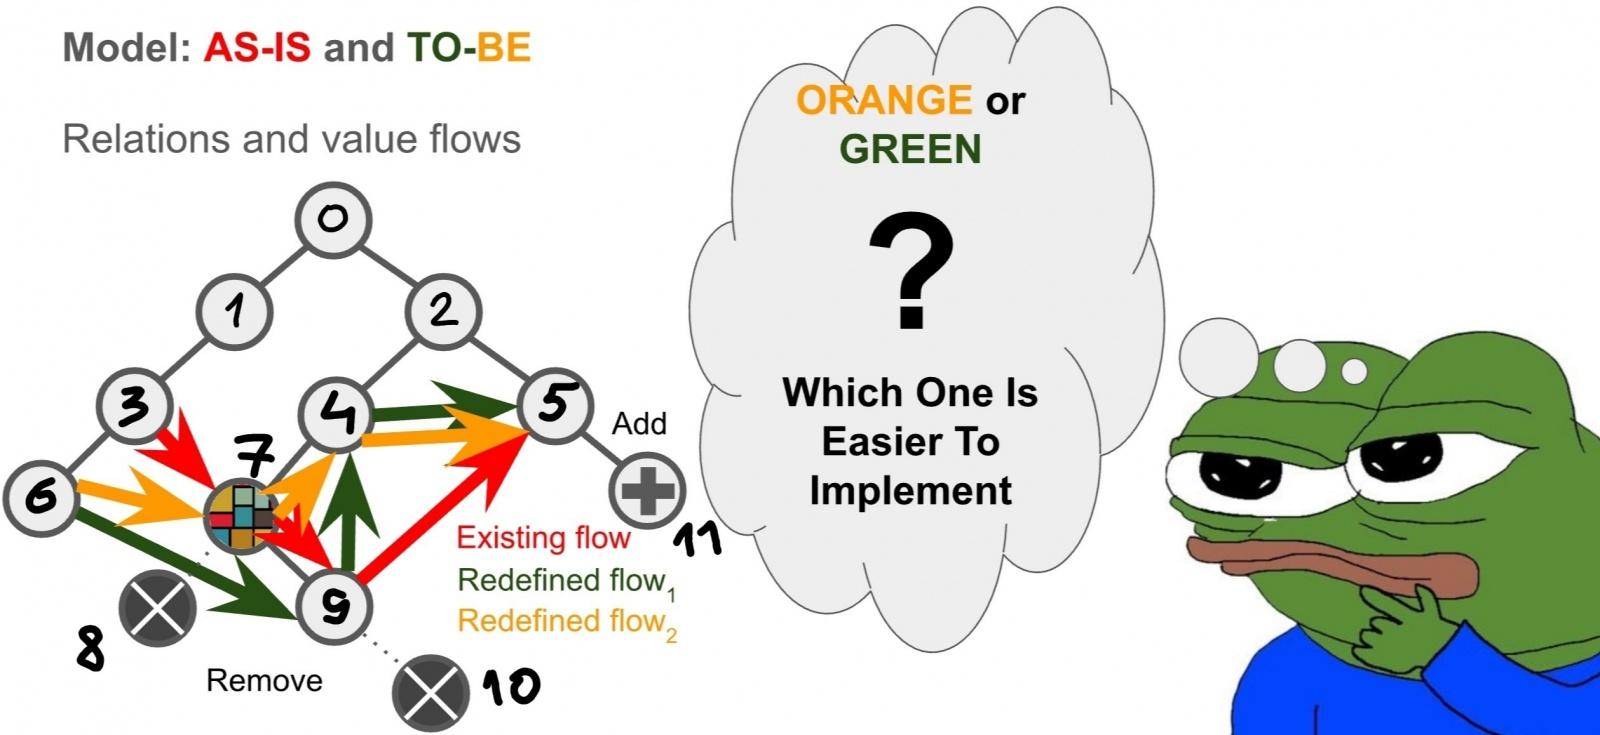 О Структурном Моделировании Организационных Изменений - 8